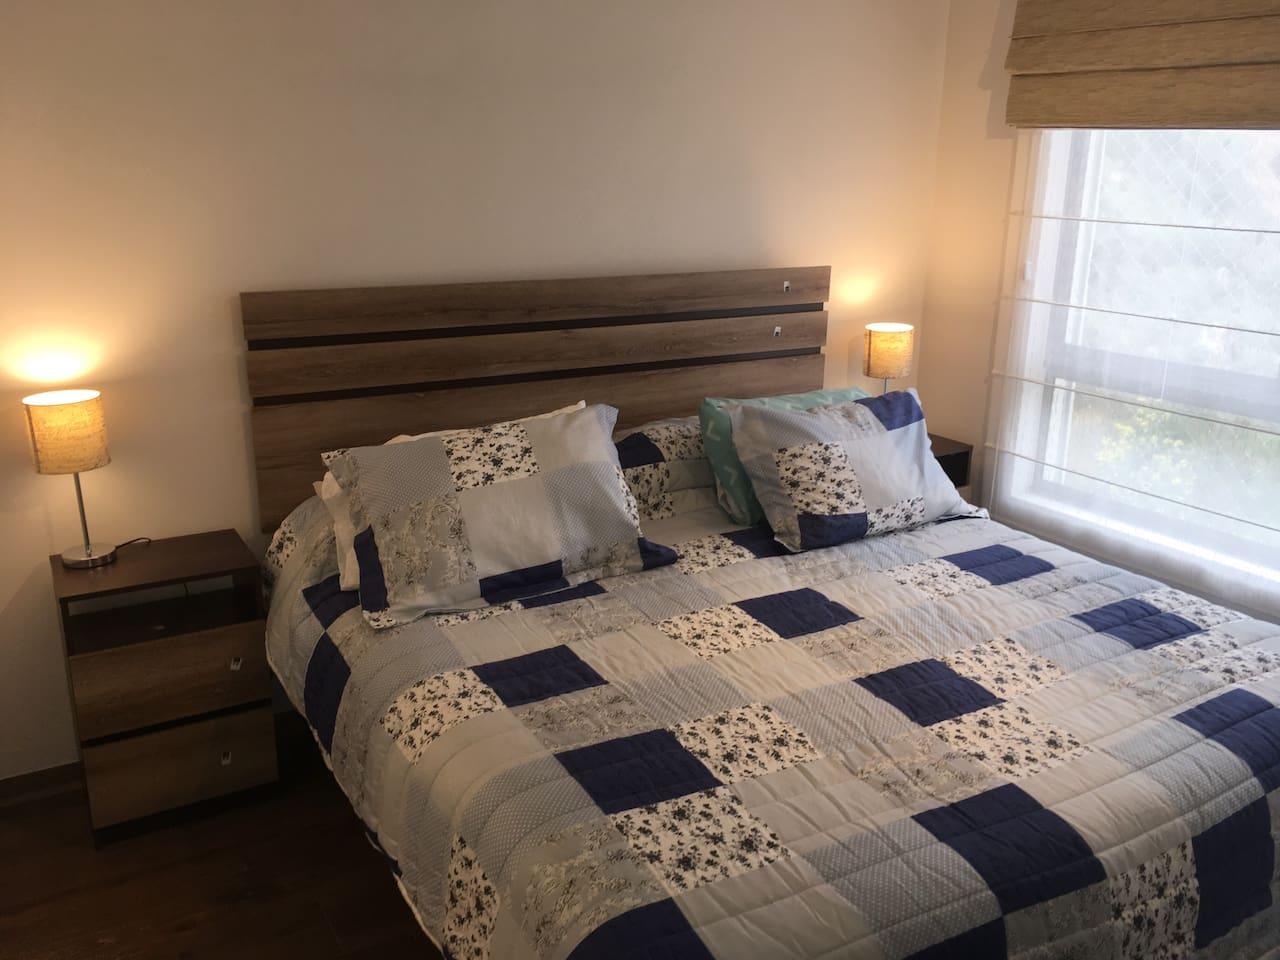 Dormitorio principal , habitación de primer nivel, todo nuevo, alto estándar.